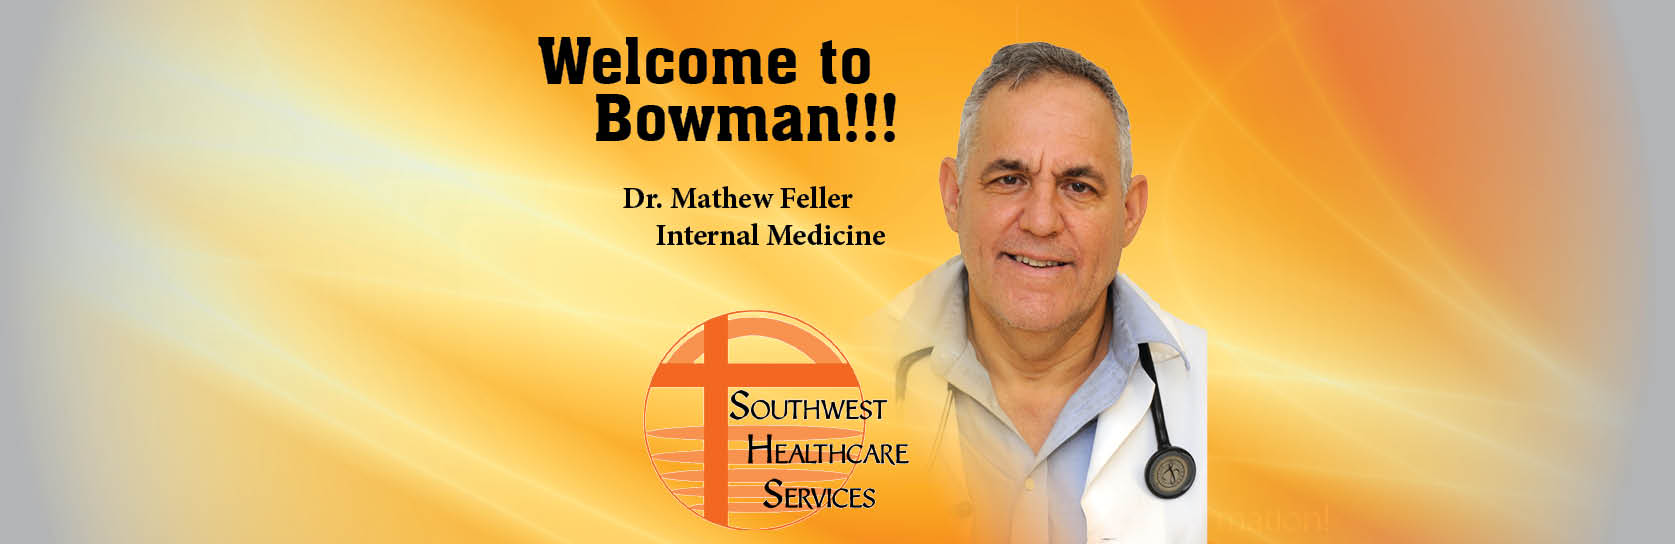 Dr. Feller